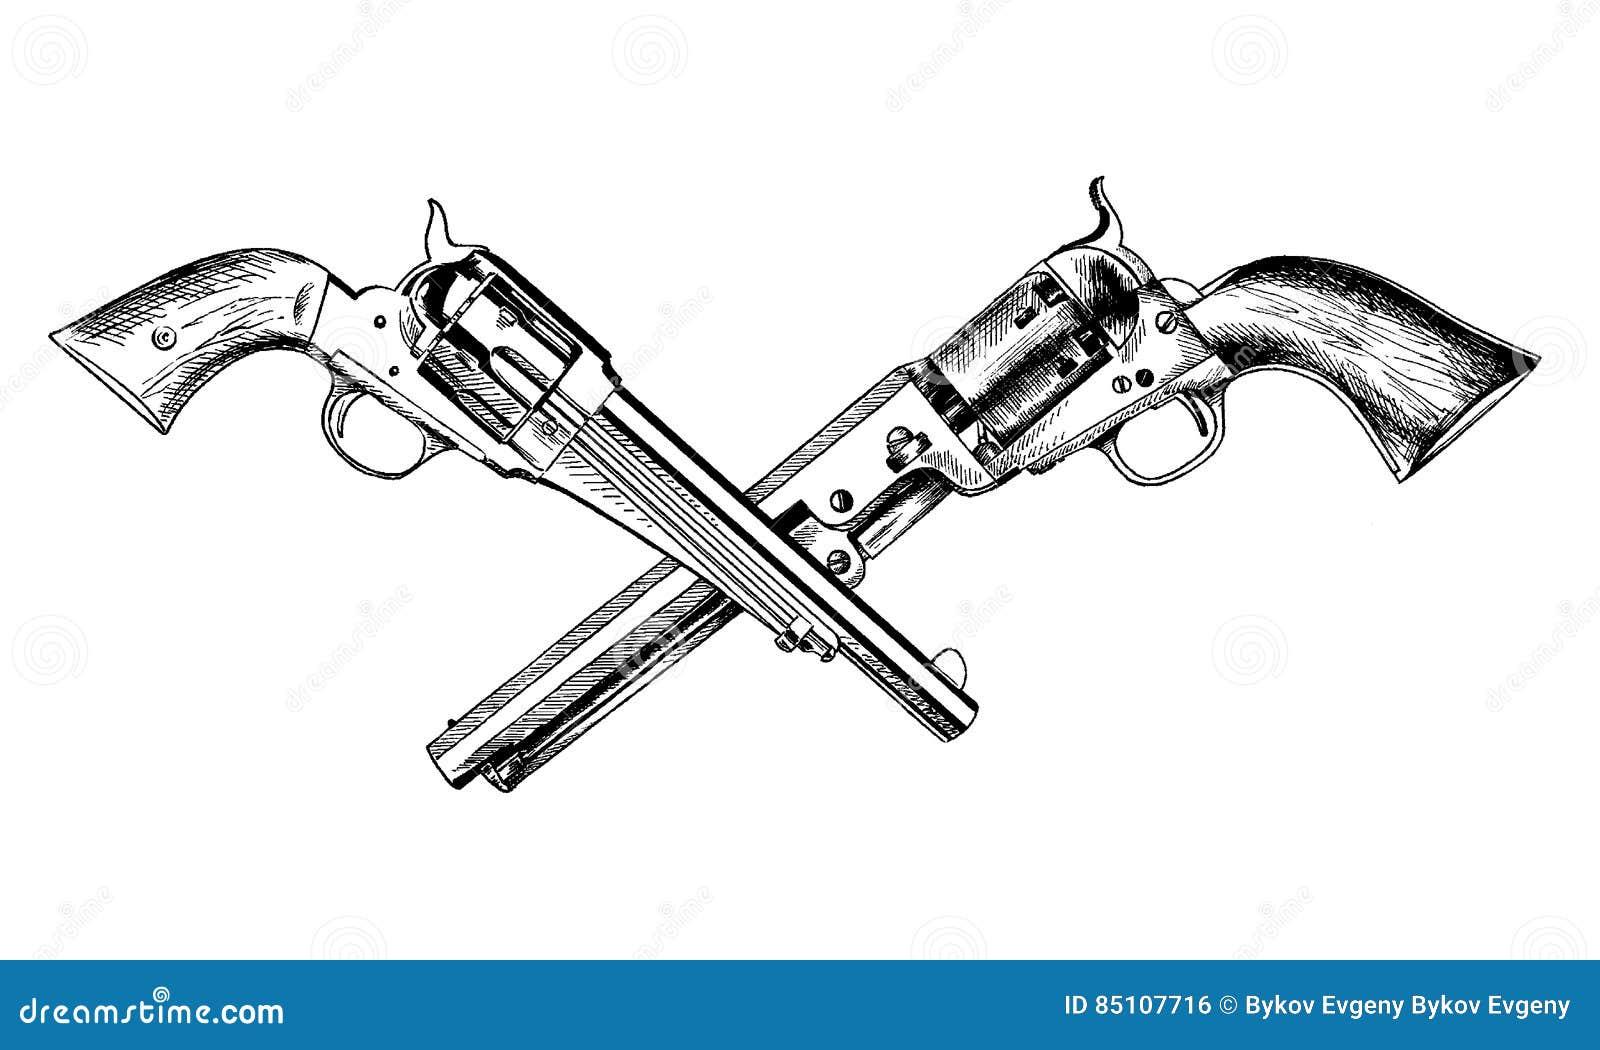 Med mc vasten som vapen